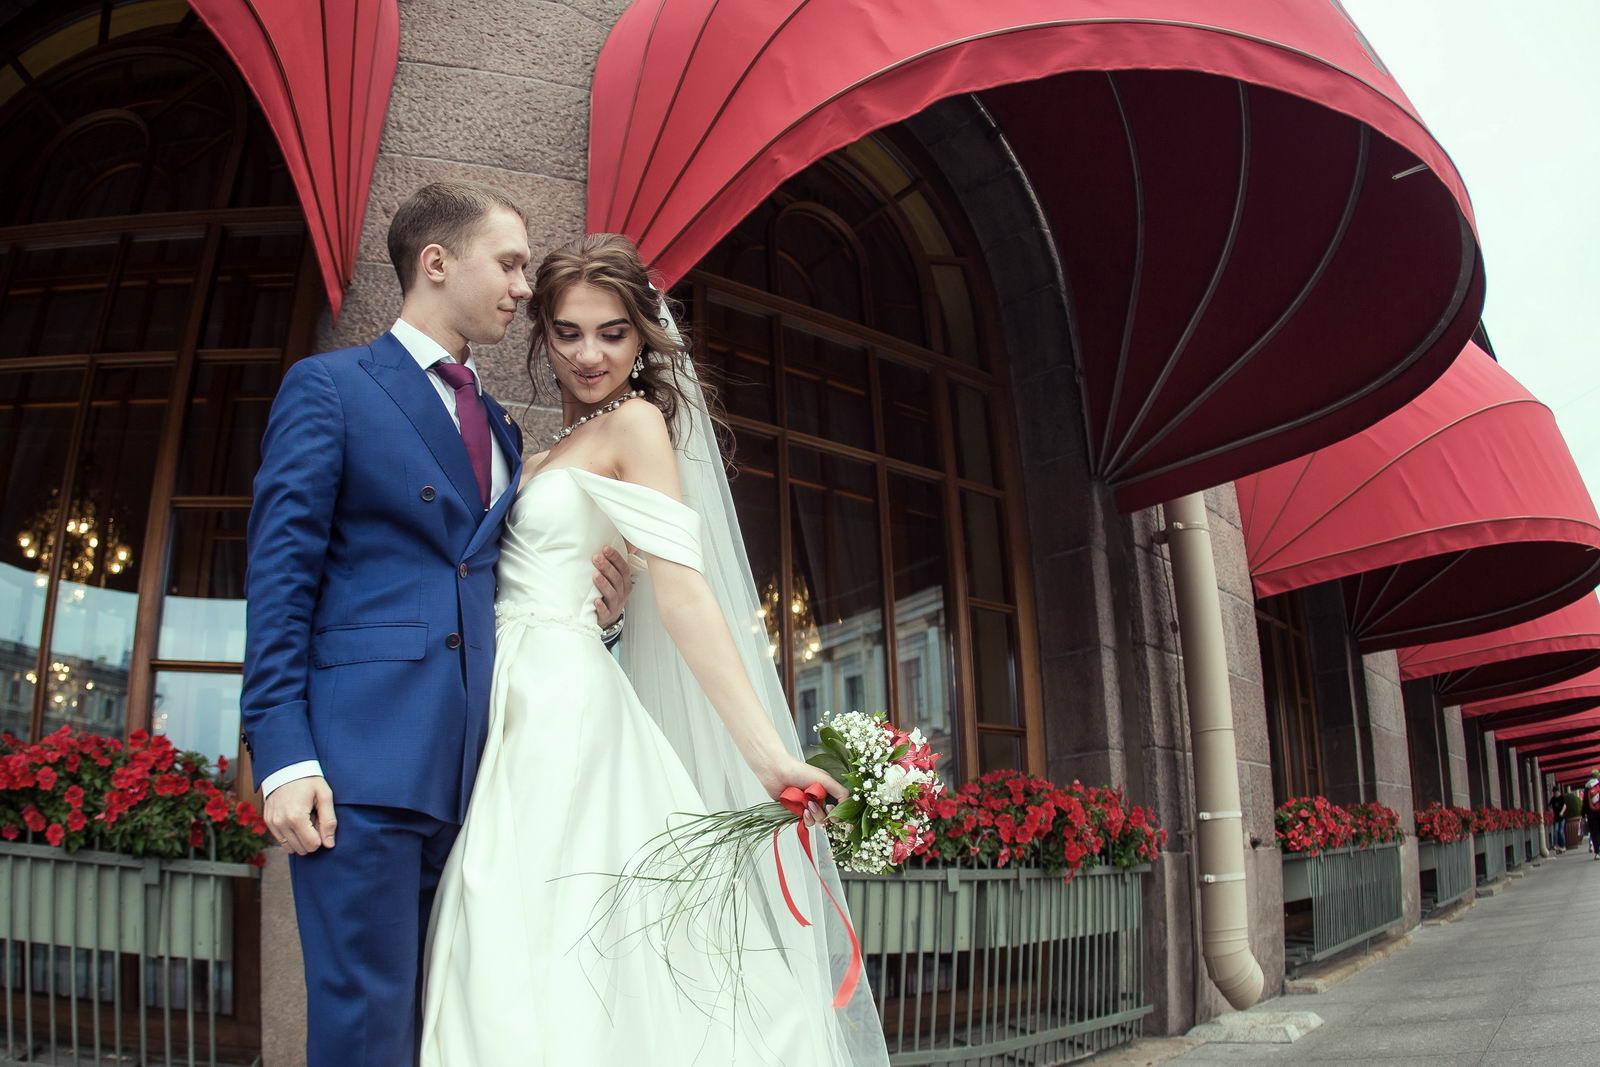 реновацию тех свадебный маршрут в спб для фотосессии всего